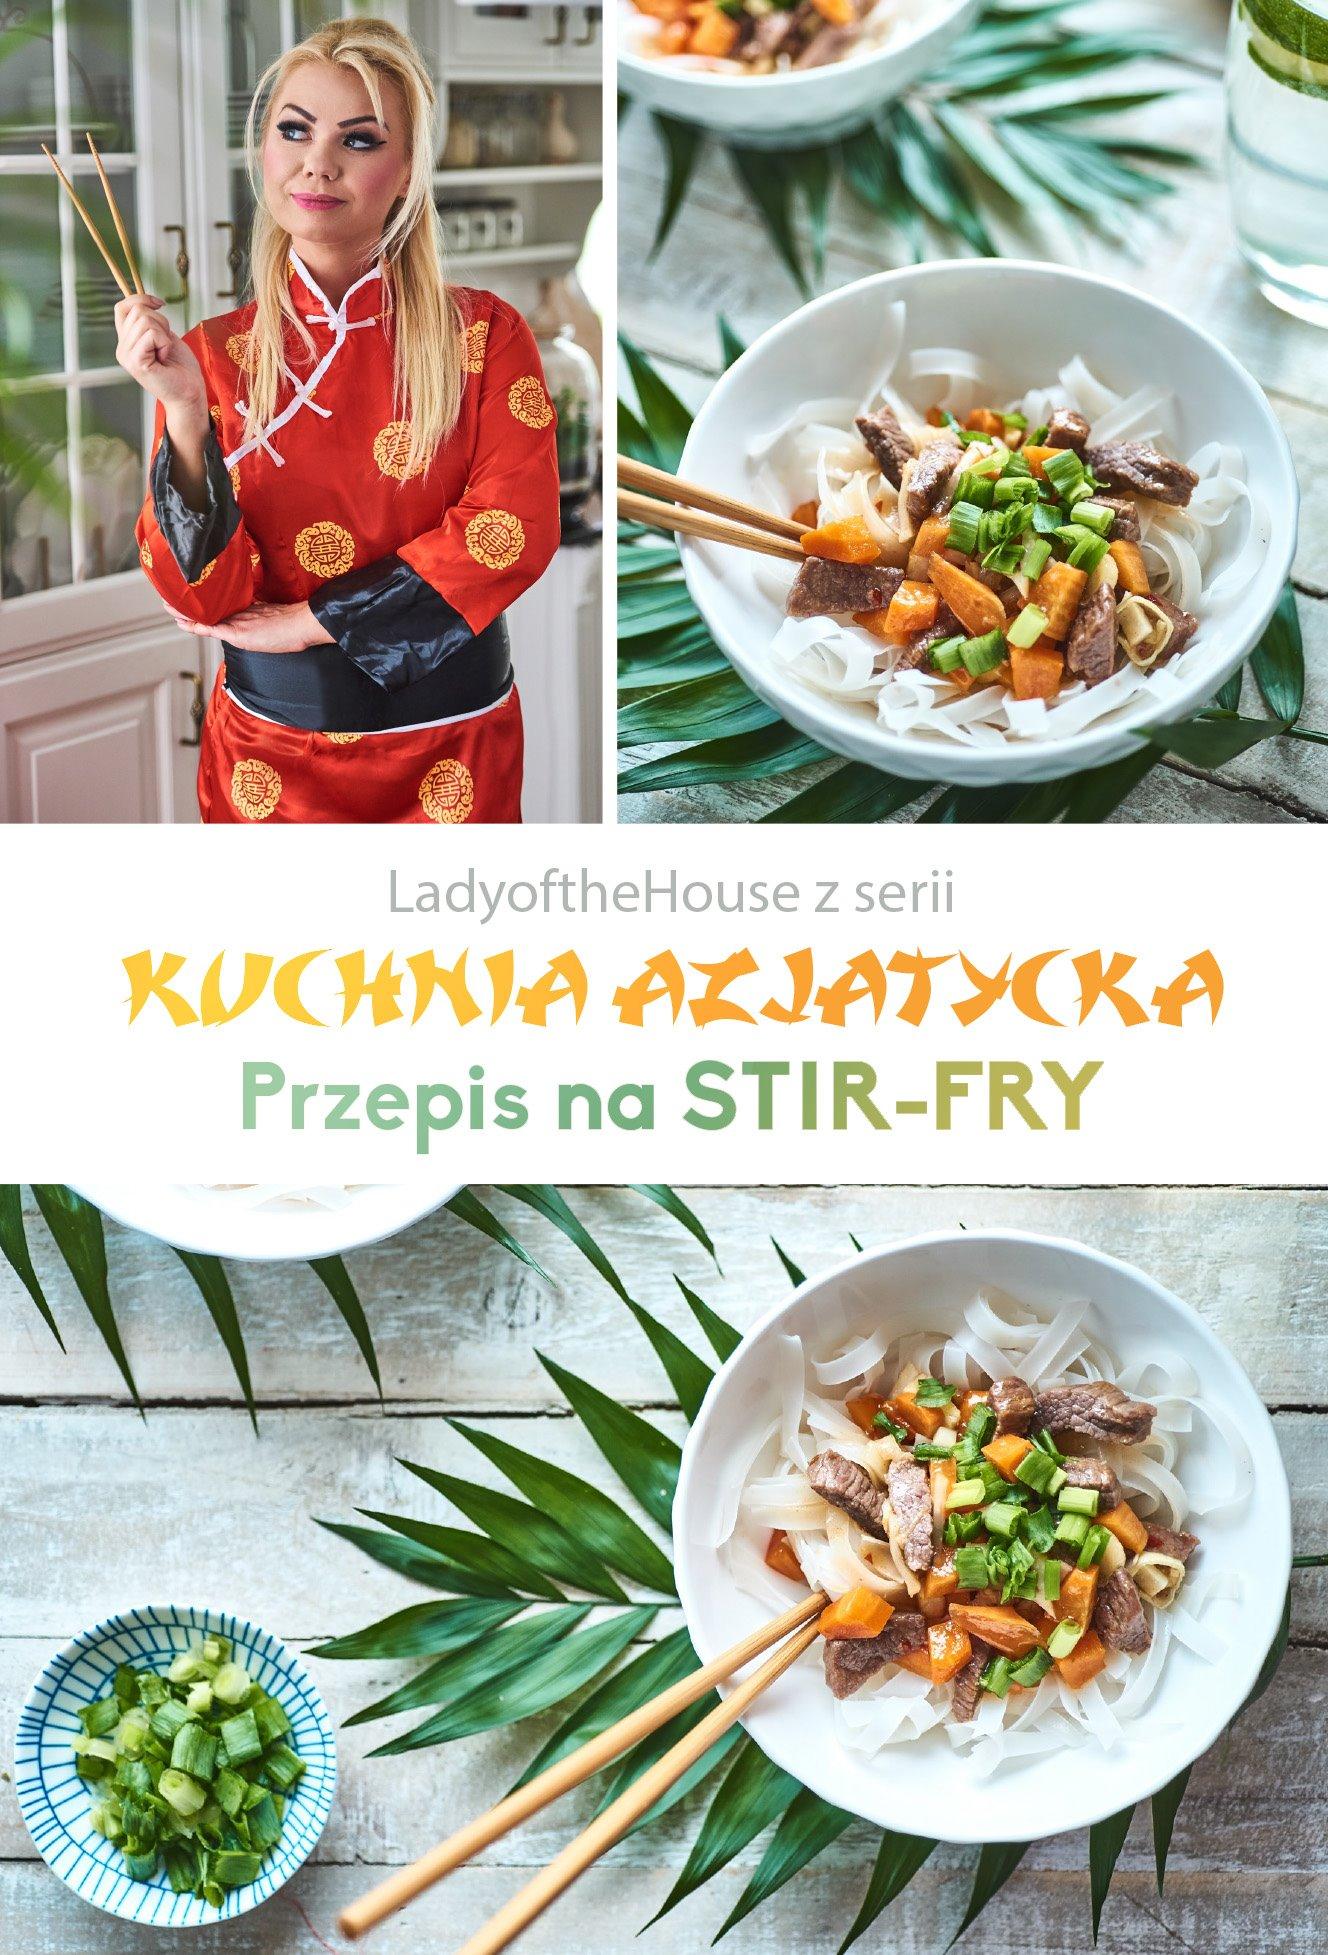 Przepis Na Obiad Pomysł Na Obiad Stir Fry Kuchnia